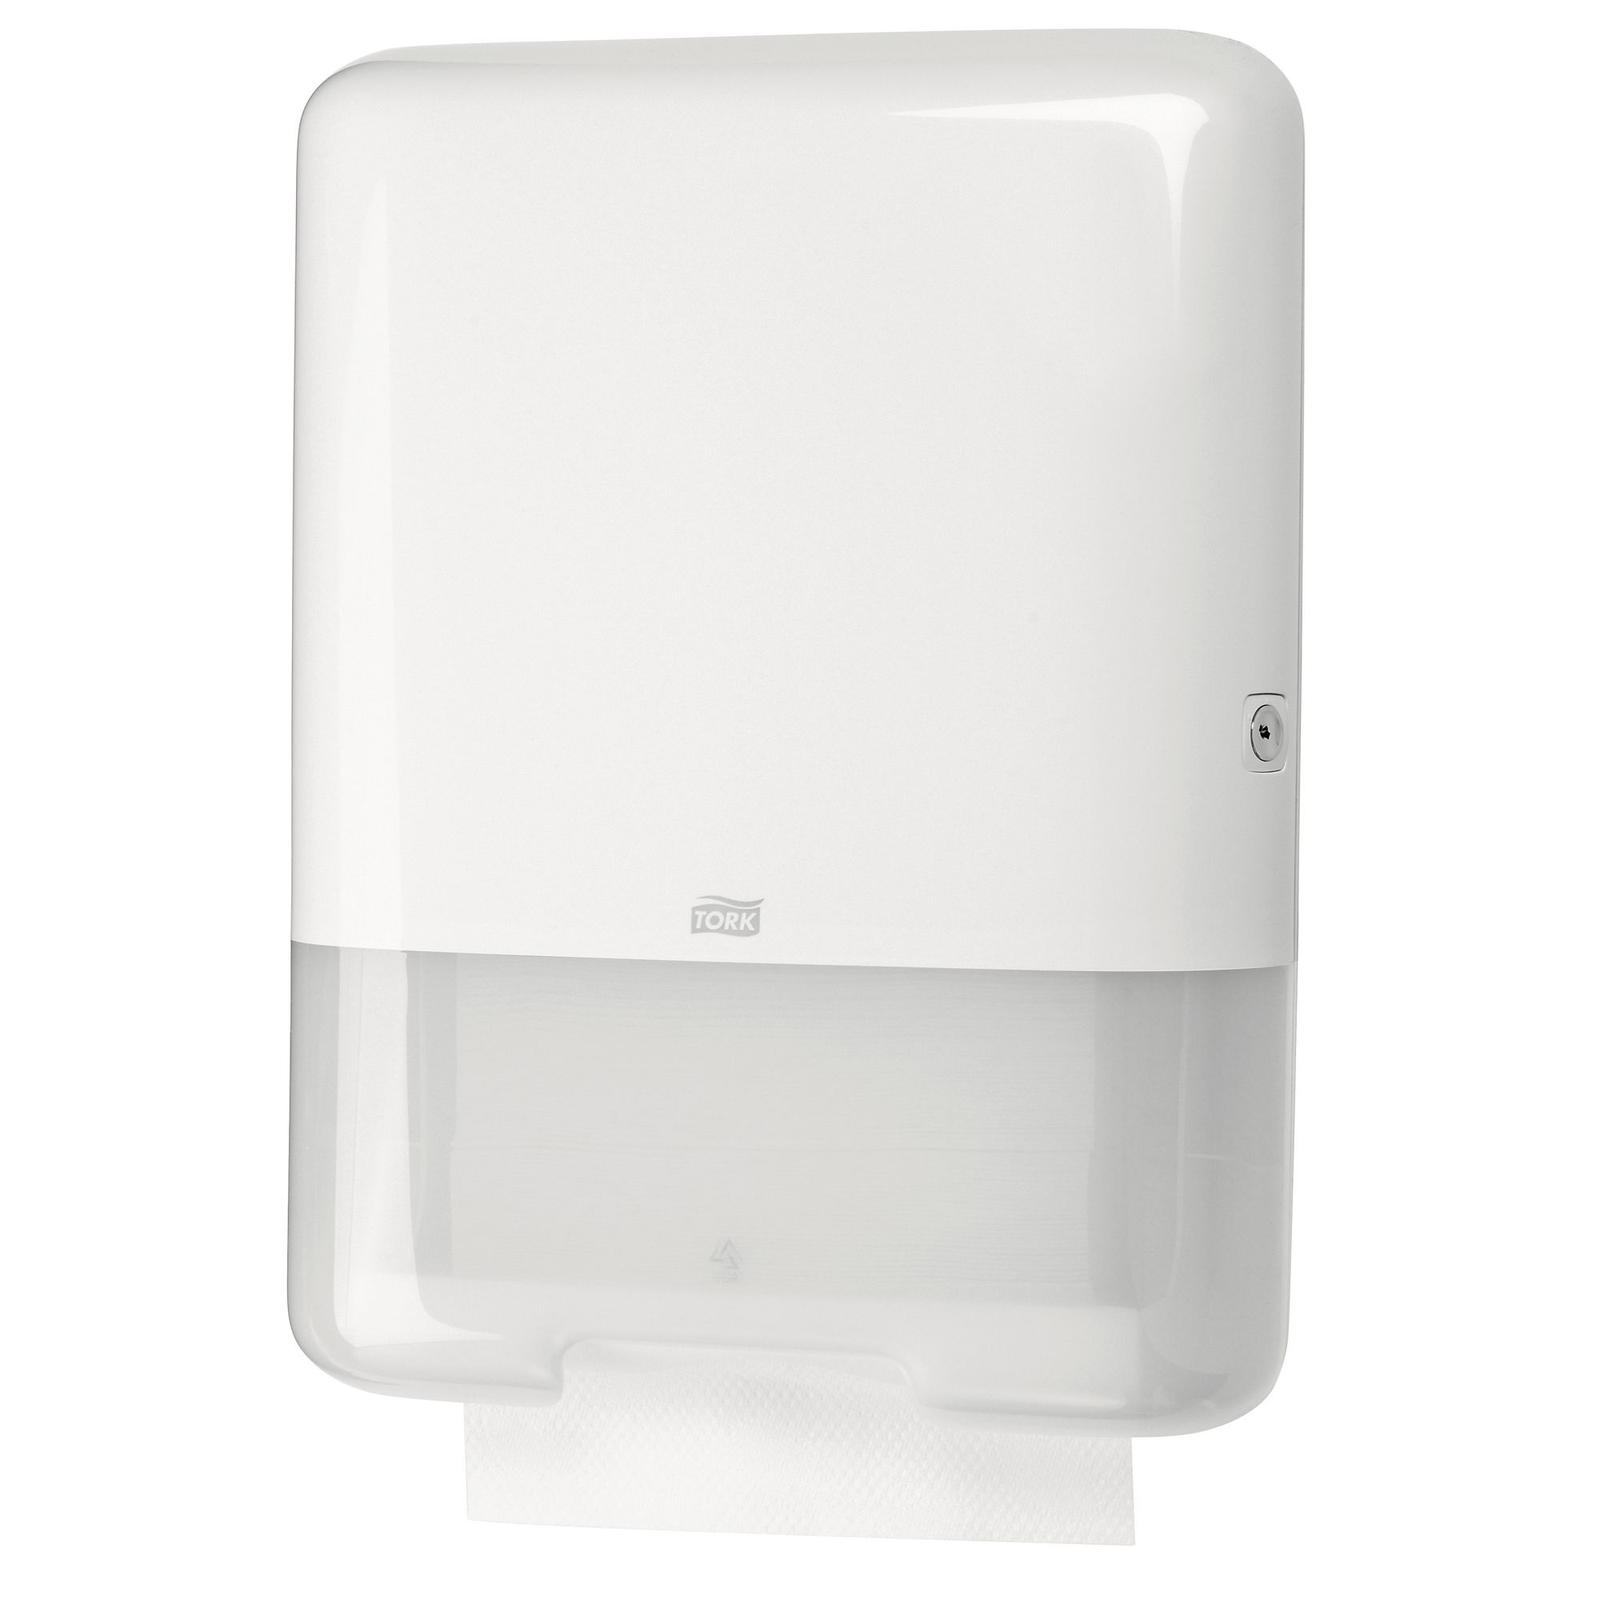 Singlefold Handtowel Dispenser